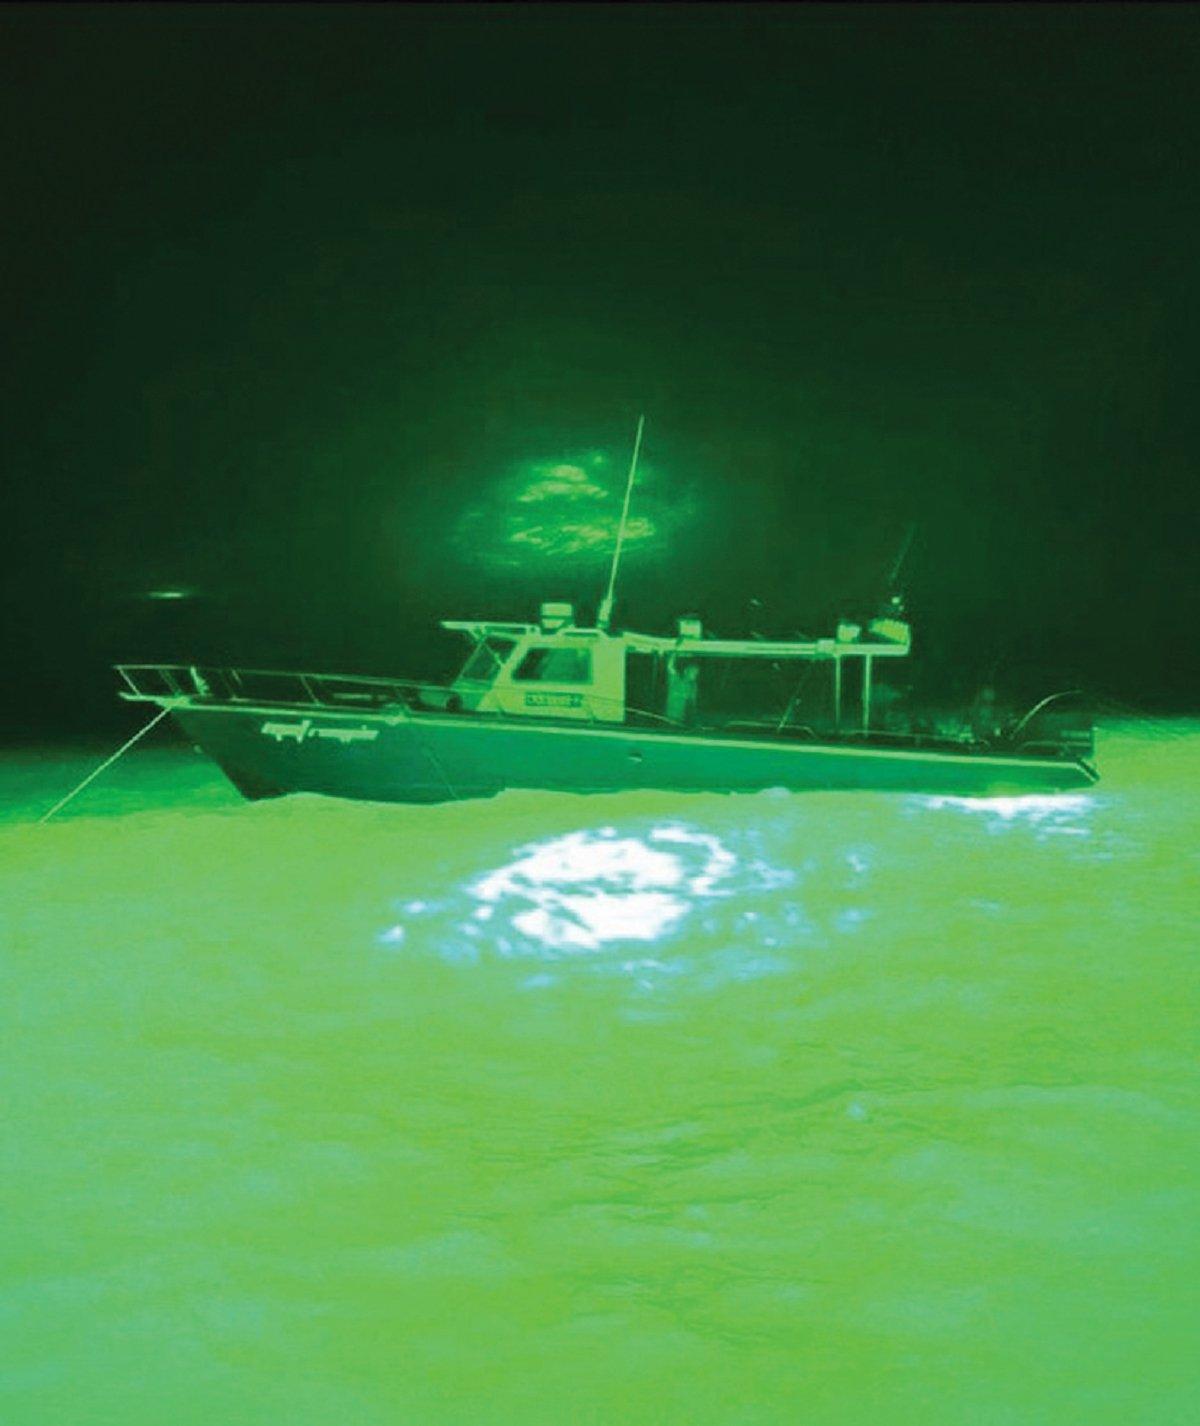 BOT lampu hijau terang penting bagi mengumpan kumpulan sotong.